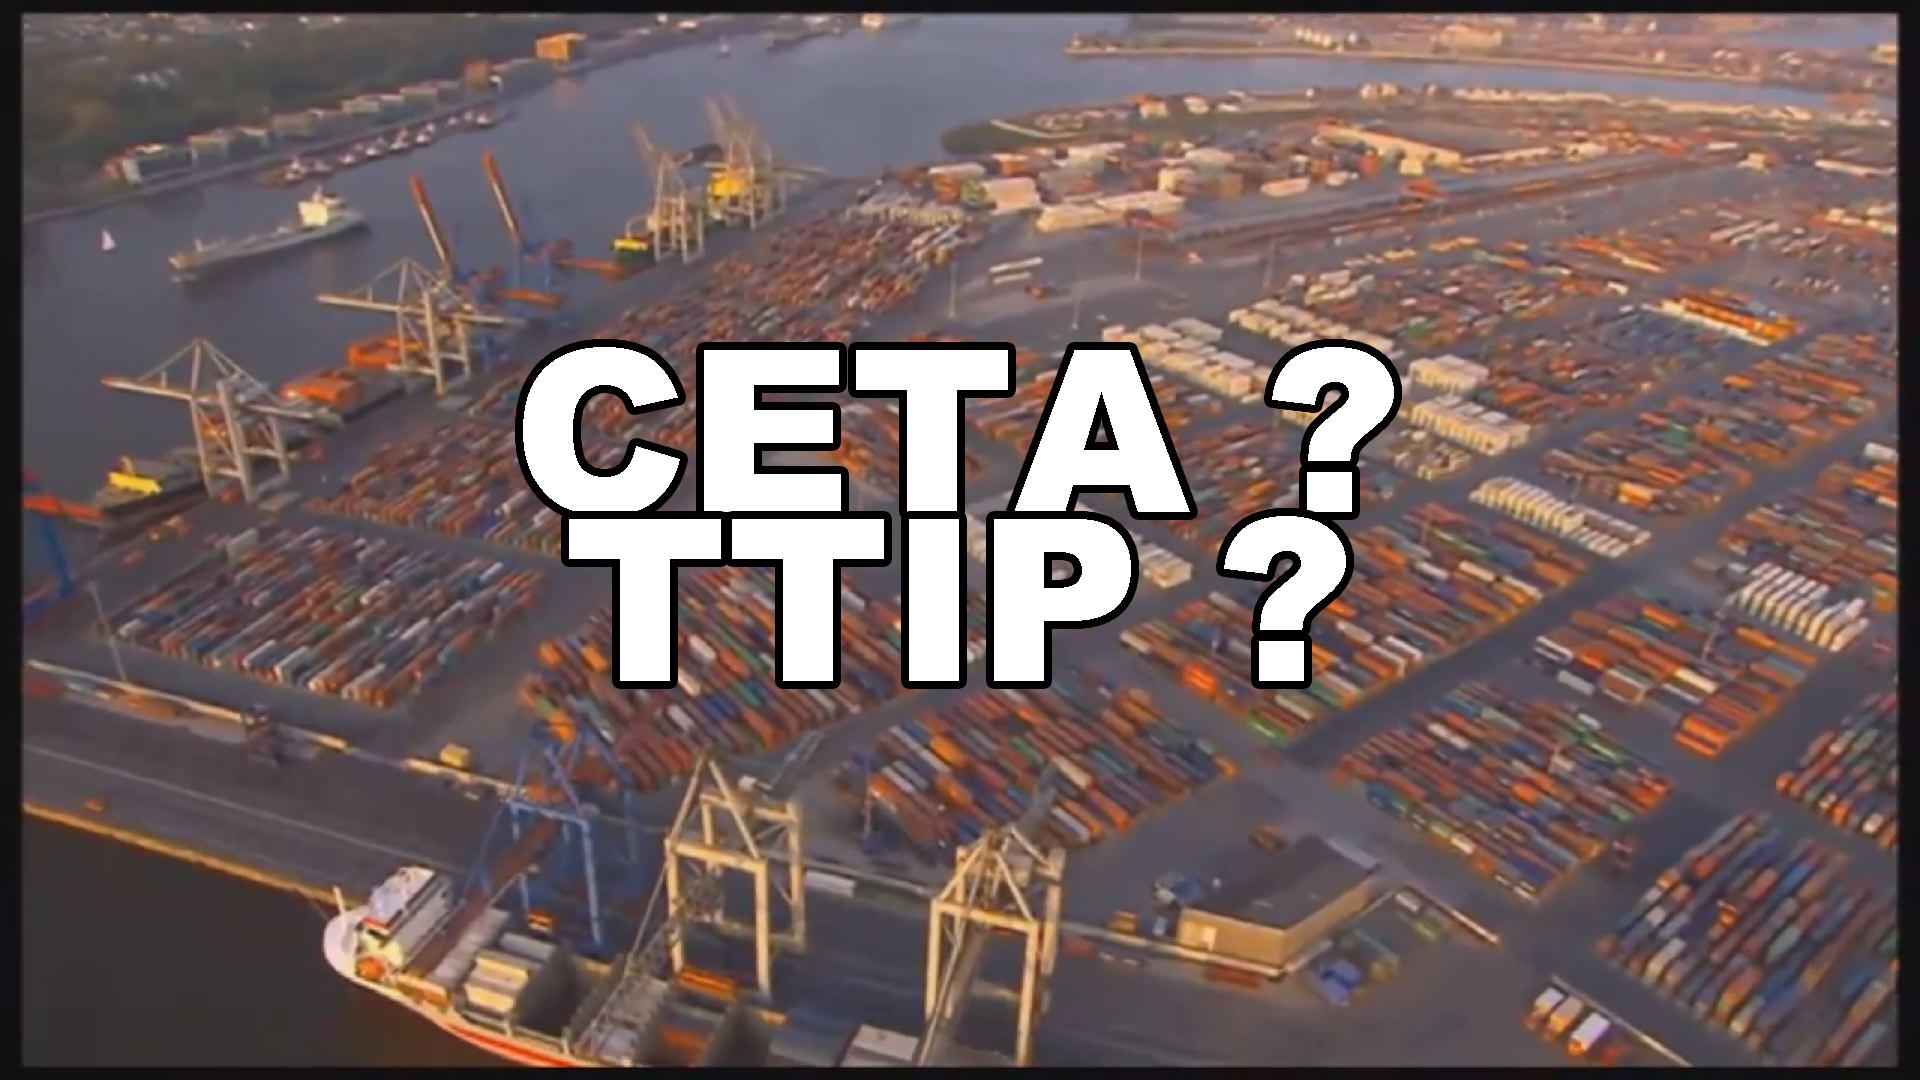 Ceta? TTIP?